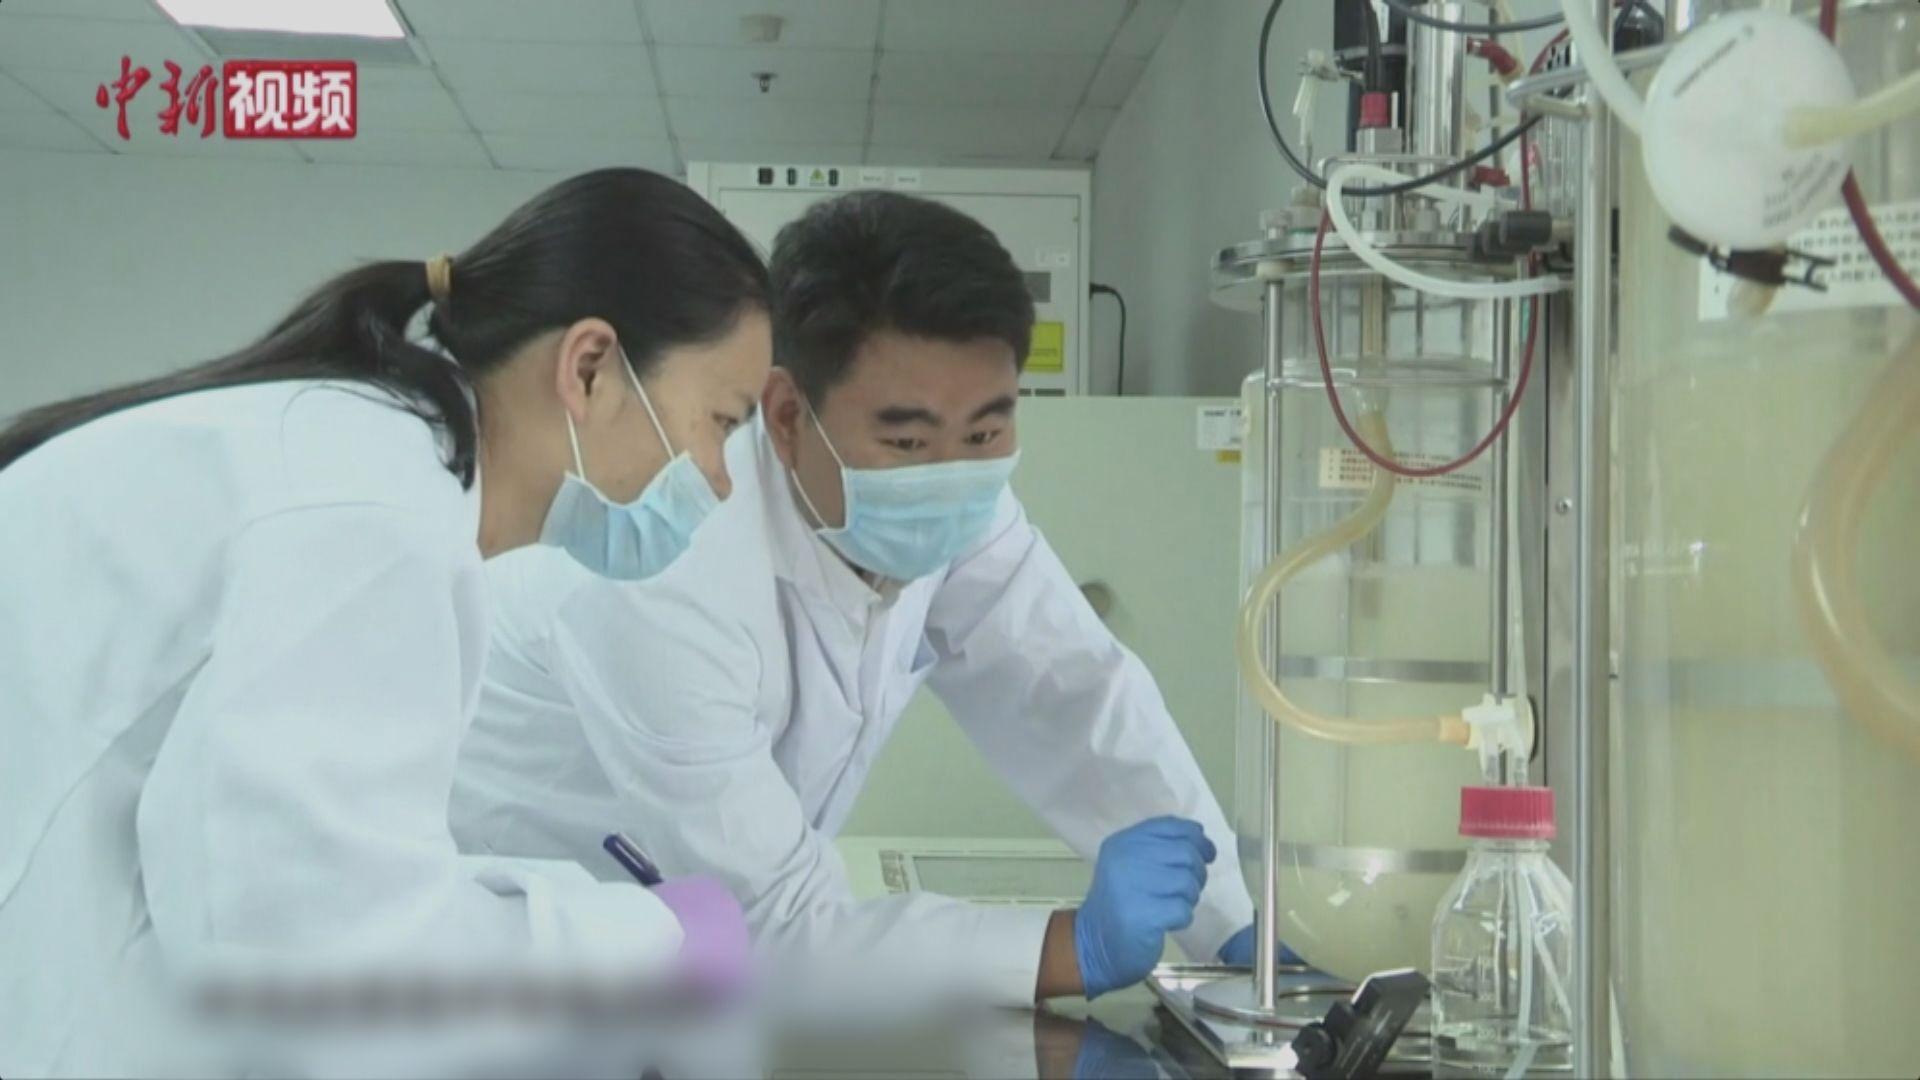 中國首次在實驗室實現人工合成澱粉